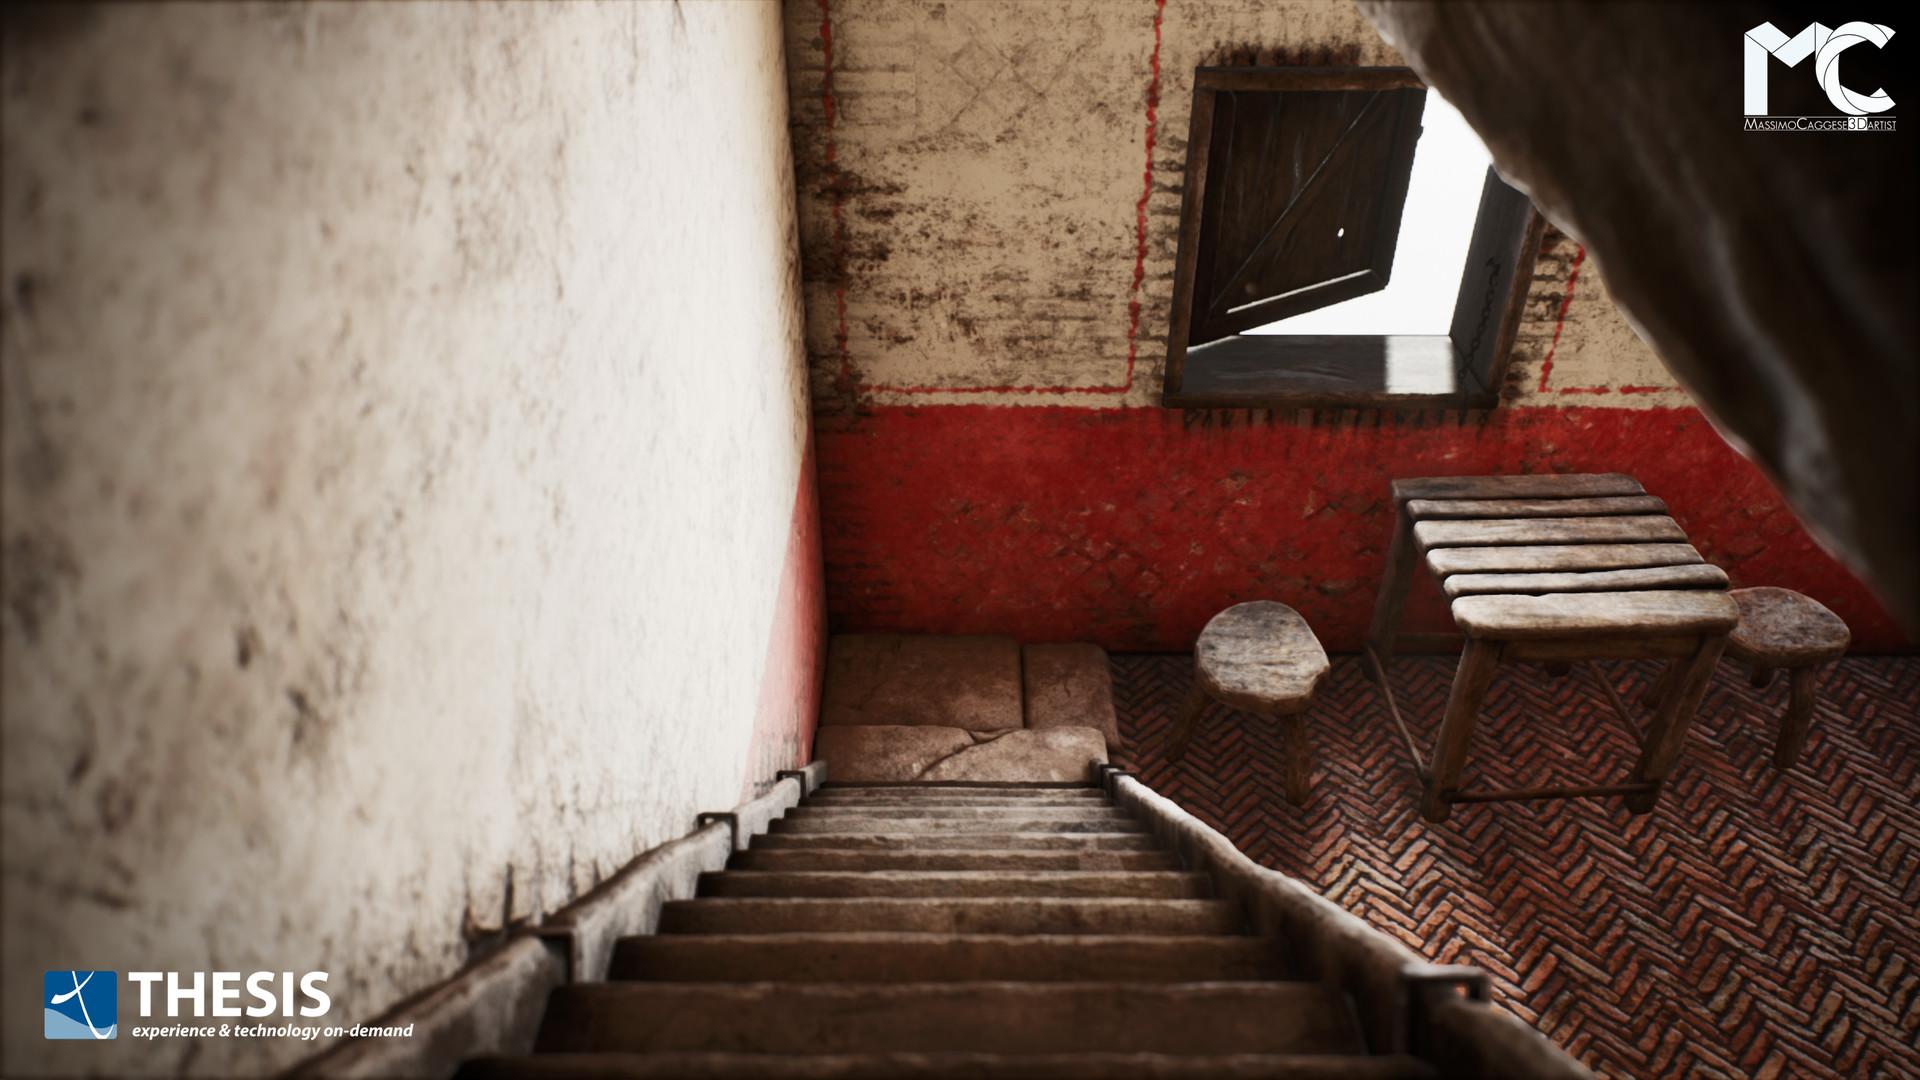 2nd room (Unreal Engine 4).